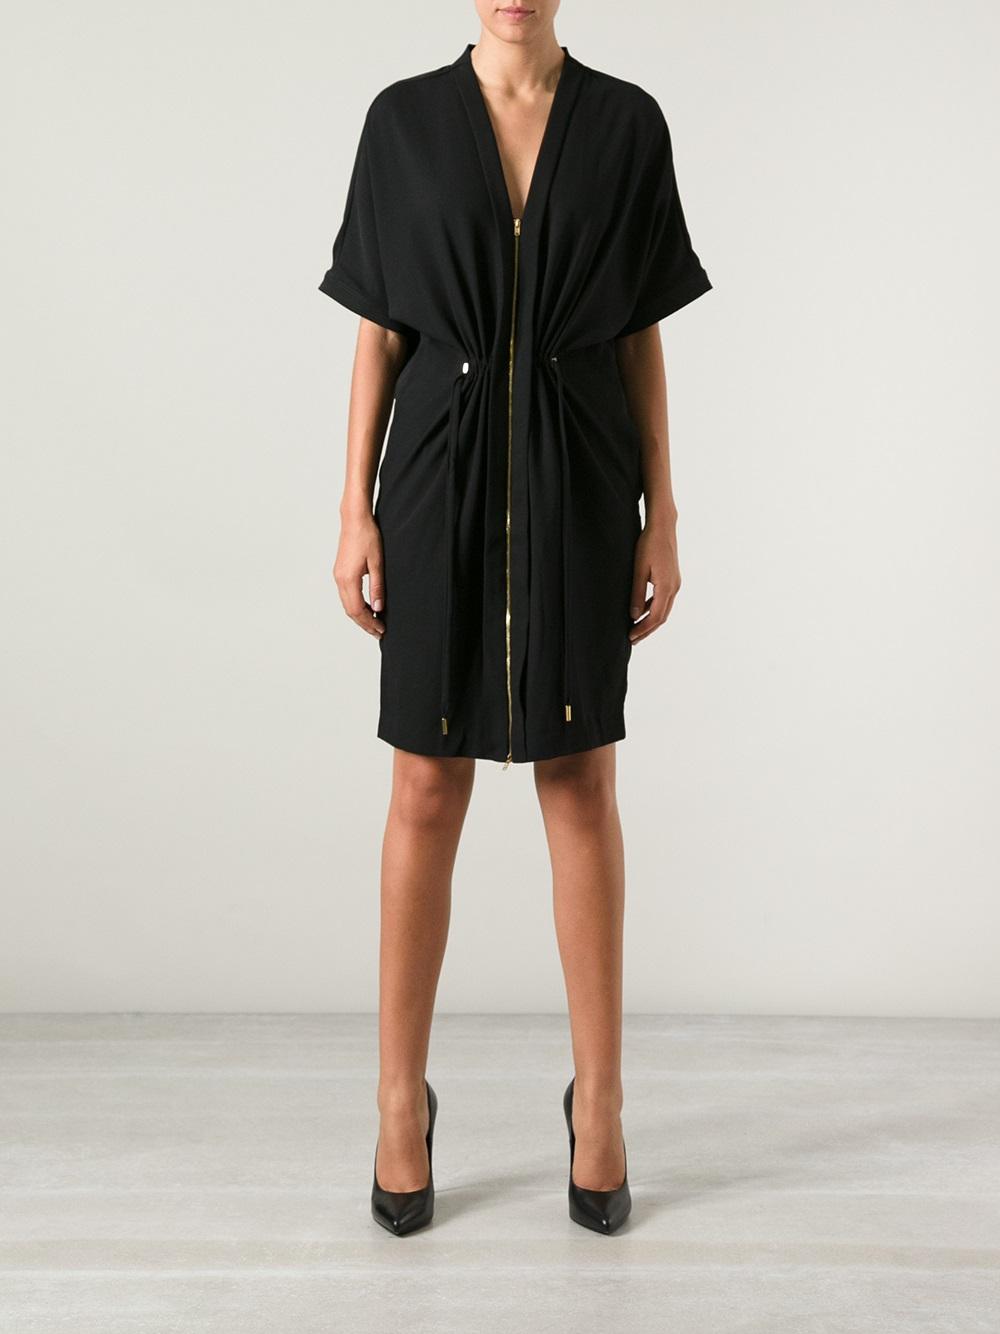 lyst day birger et mikkelsen lax zipped dress in black. Black Bedroom Furniture Sets. Home Design Ideas